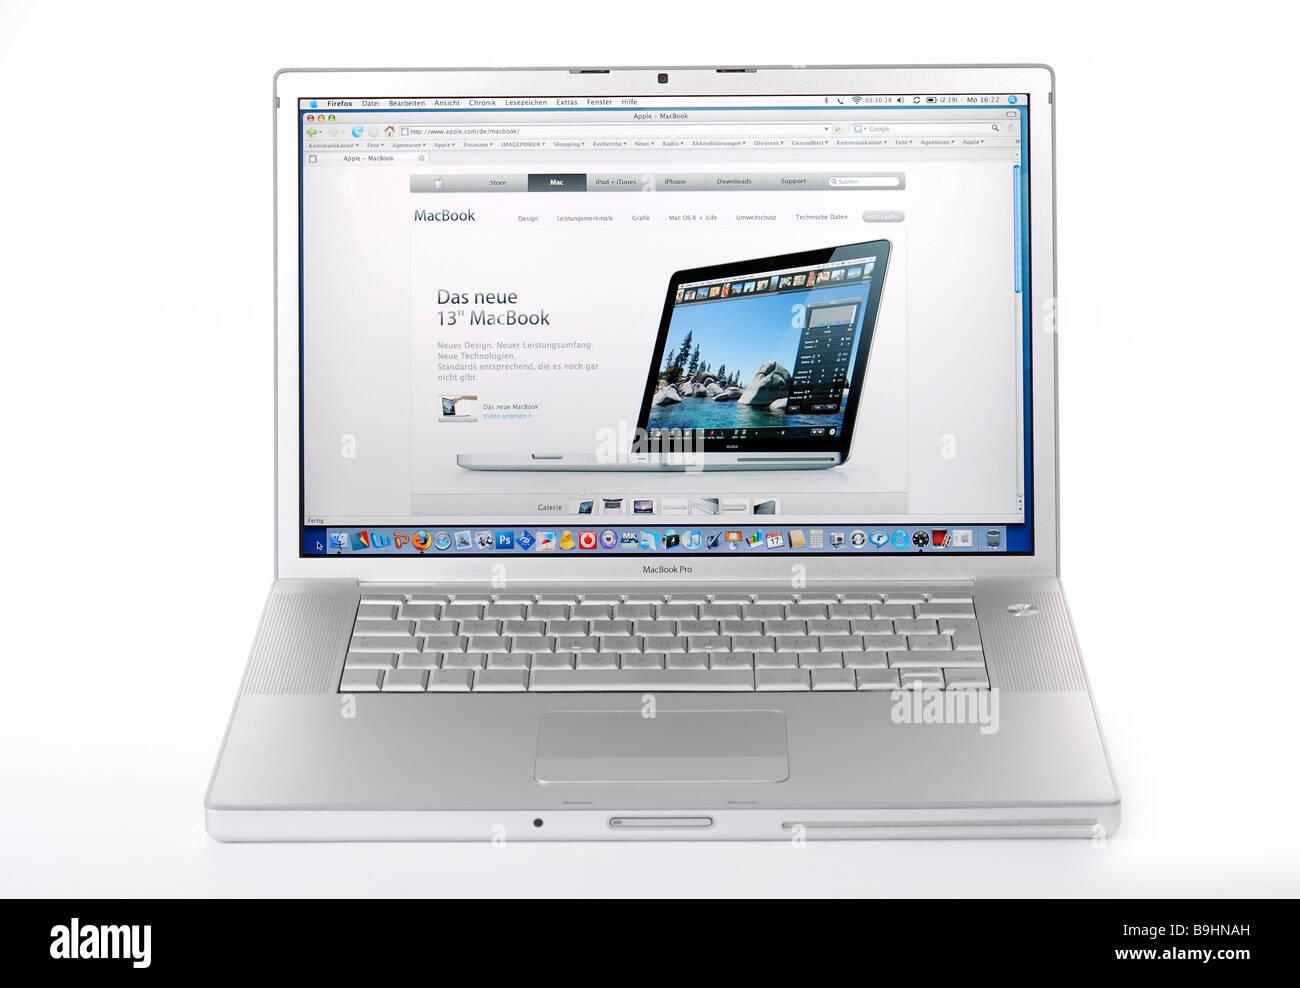 Apple MacBook Pro Notebook Apple Store MacBook Symbol